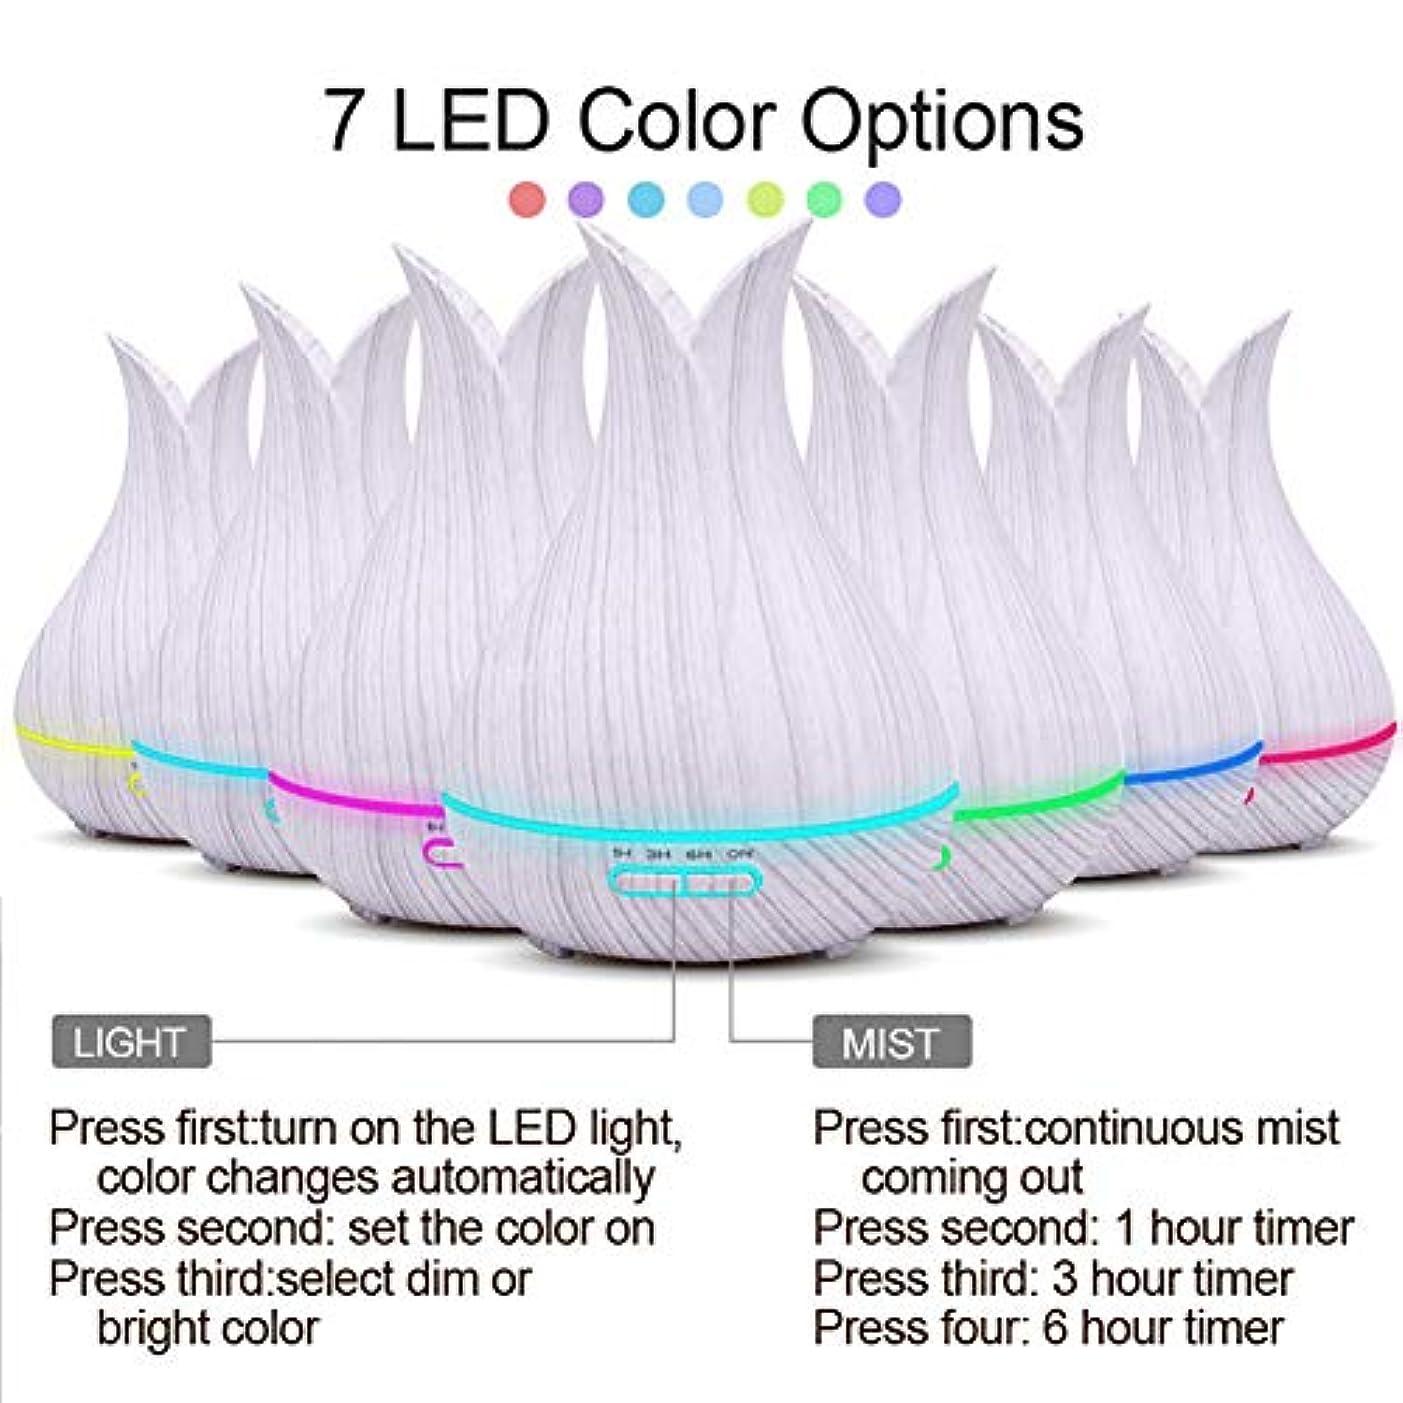 文化ジョブドールエッセンシャルオイルディフューザーと加湿器、ミストエッセンシャルオイルアロマ加湿器のための超音波アロマセラピーディフューザー、400ミリリットル水タンク7色LEDライト,White